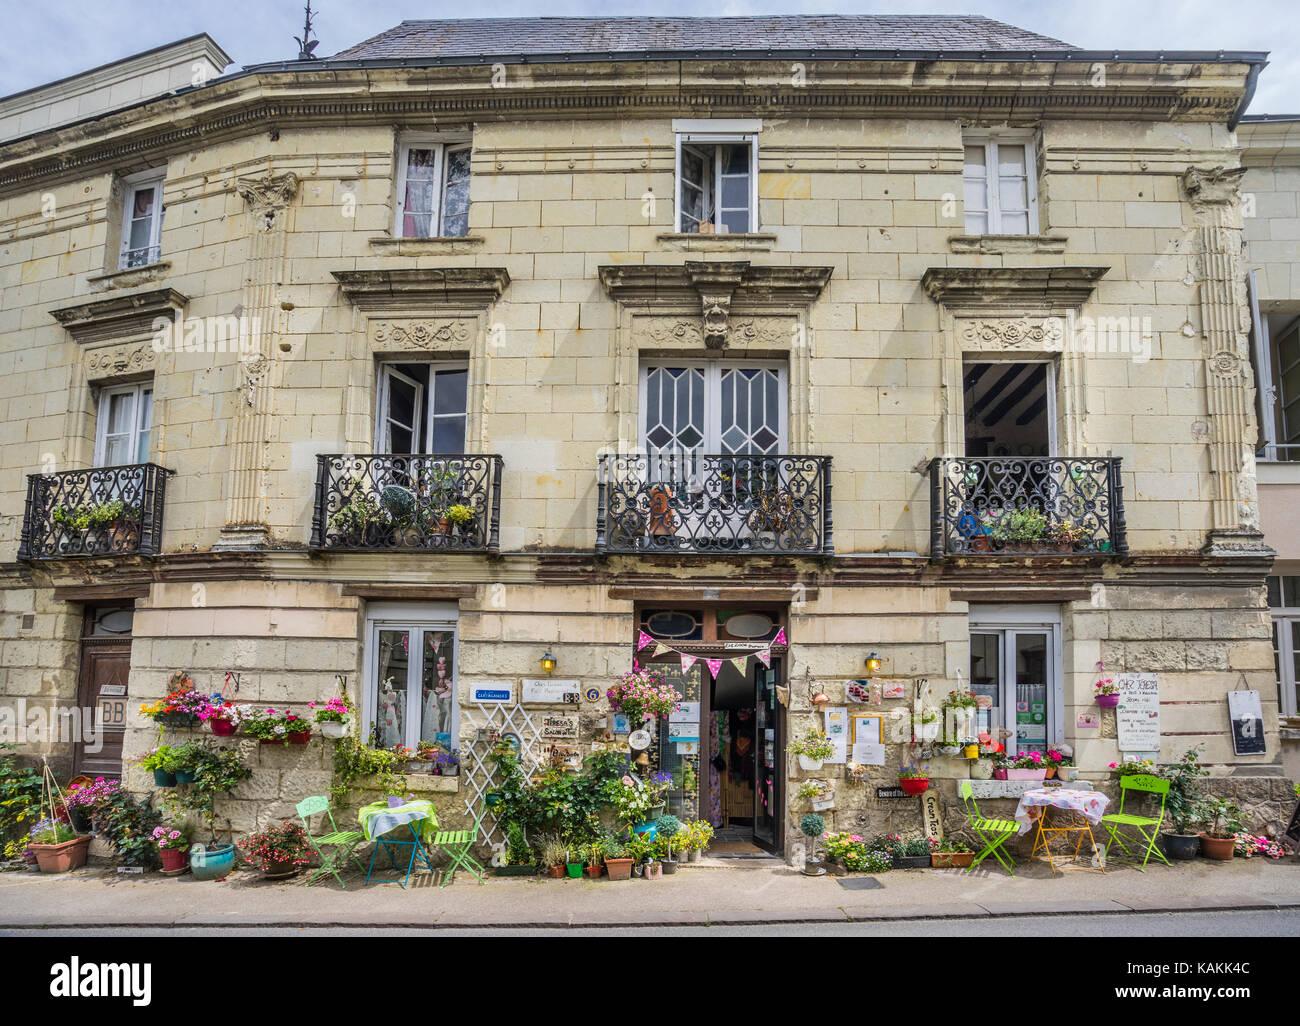 France, Maine-et-Loire department, Pays de la Loire, Fontevrault, Chez Teresa idyllic restaurant - Stock Image